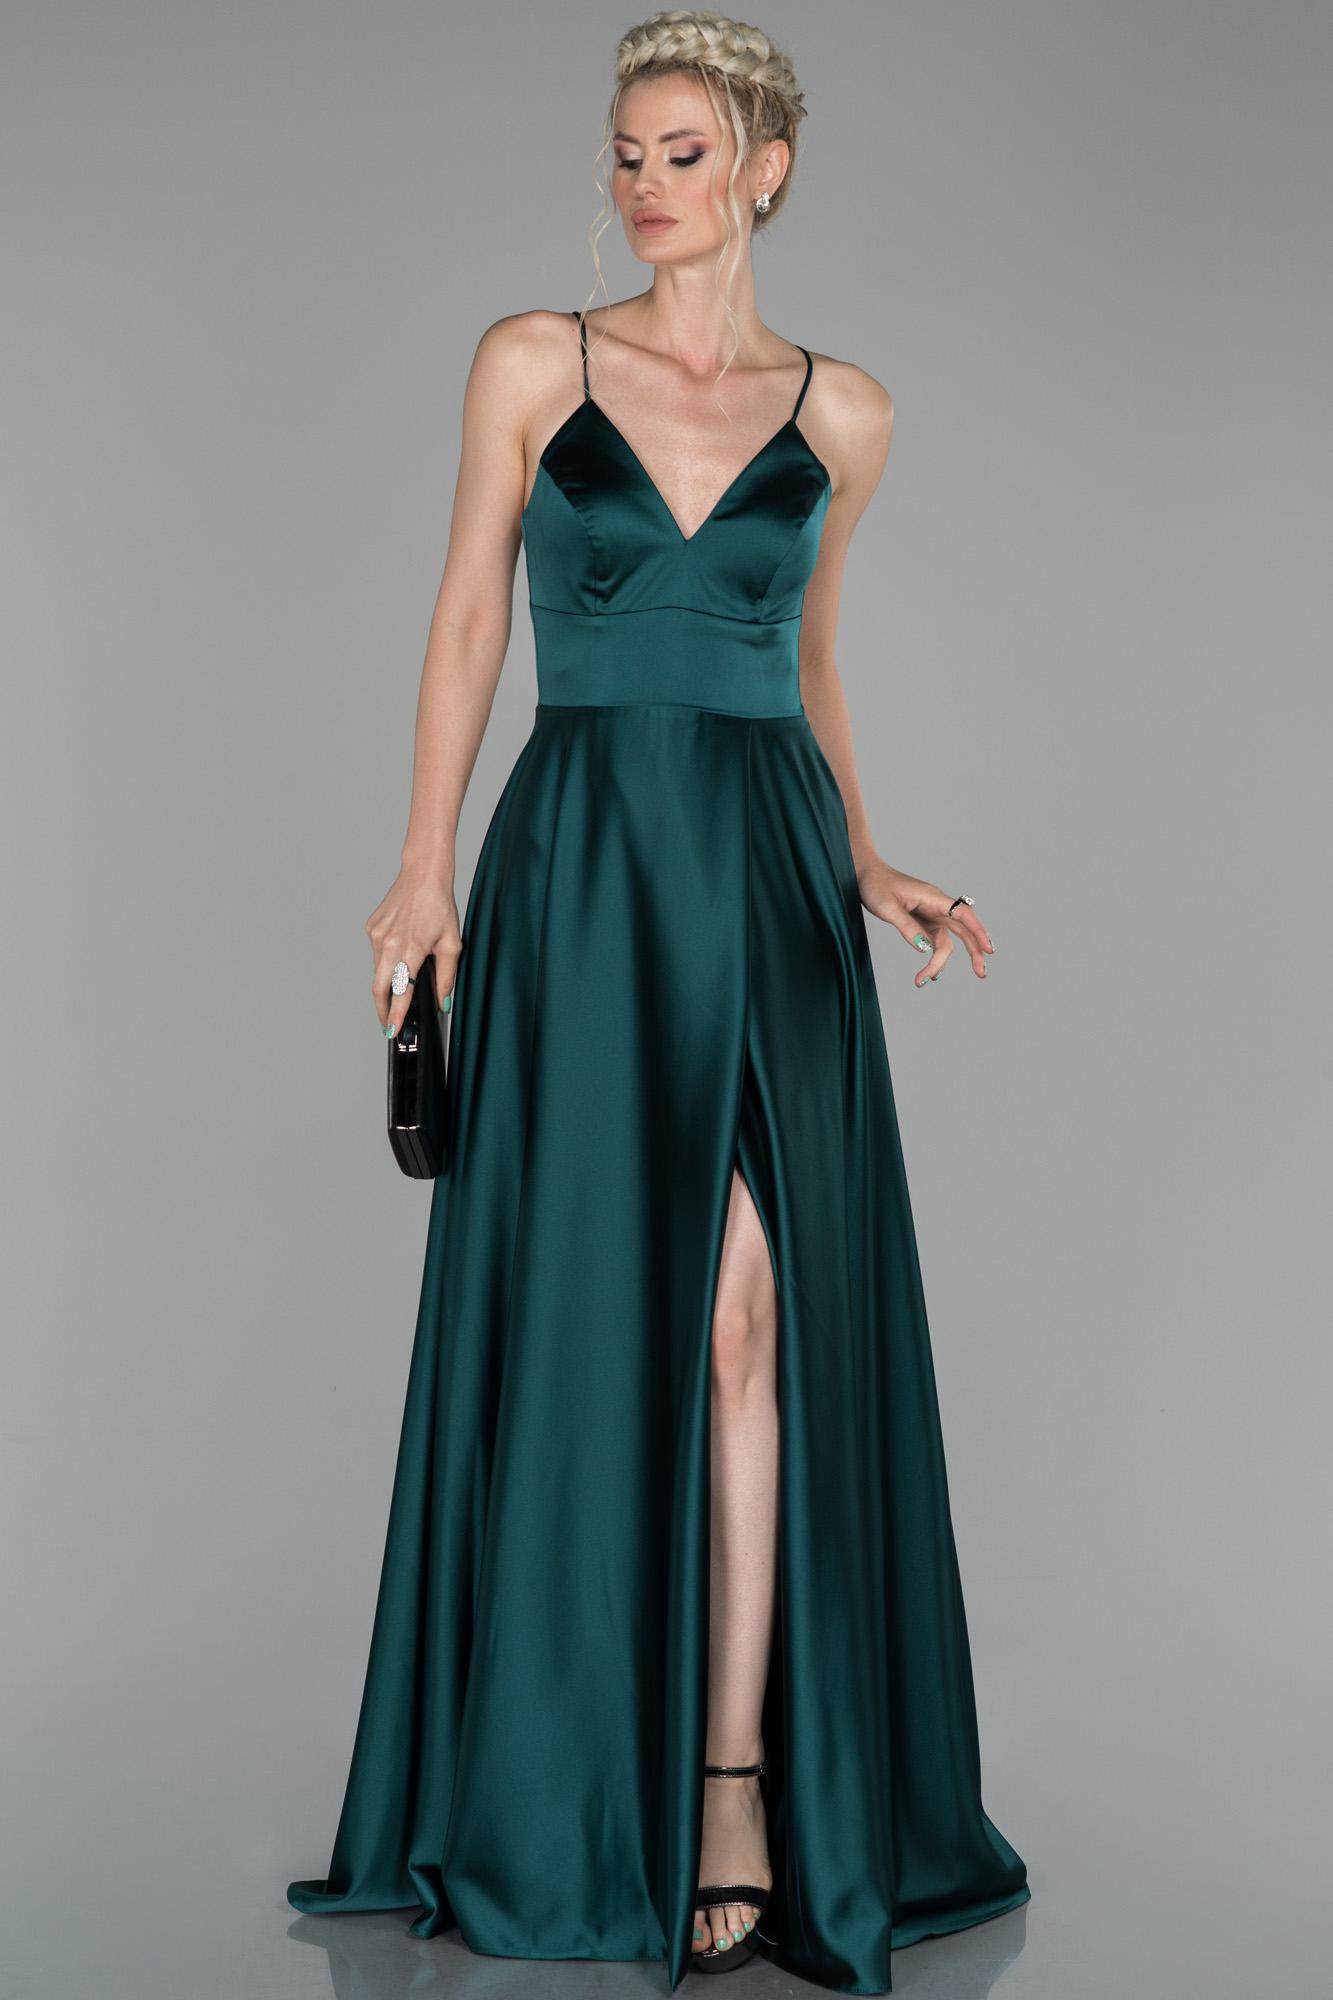 Zümrüt Yeşili Uzun Bacak Ve Sırt Dekolteli Abiye Elbise